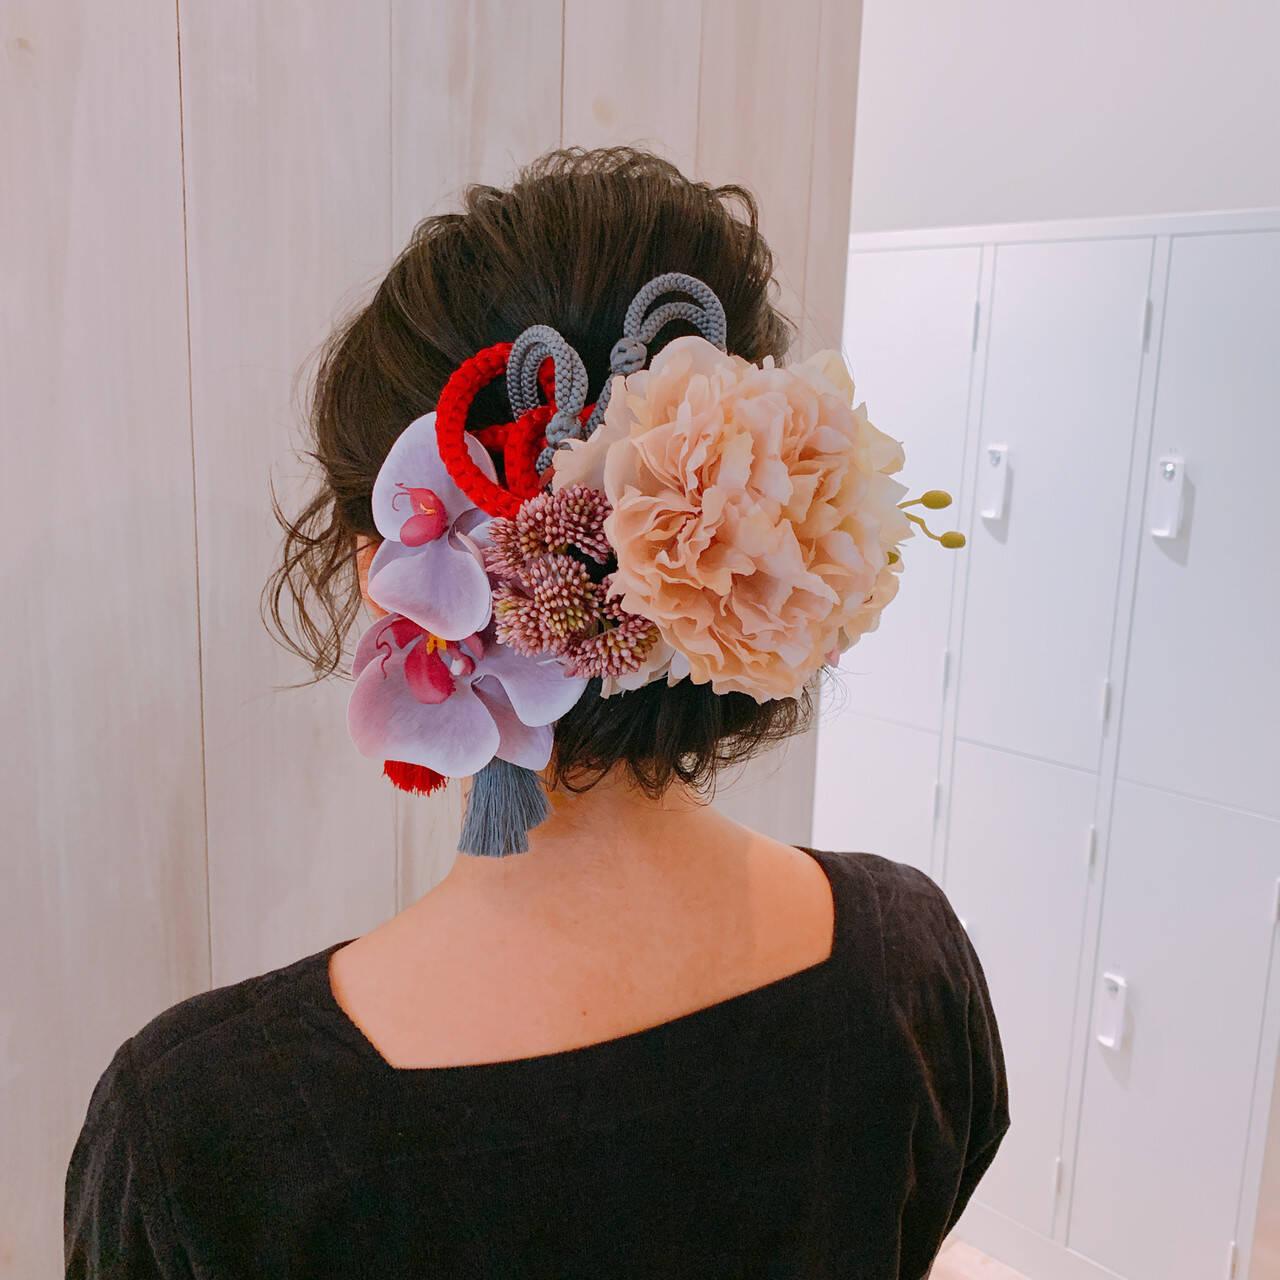 ナチュラル 結婚式ヘアアレンジ 卒業式 ヘアアレンジヘアスタイルや髪型の写真・画像